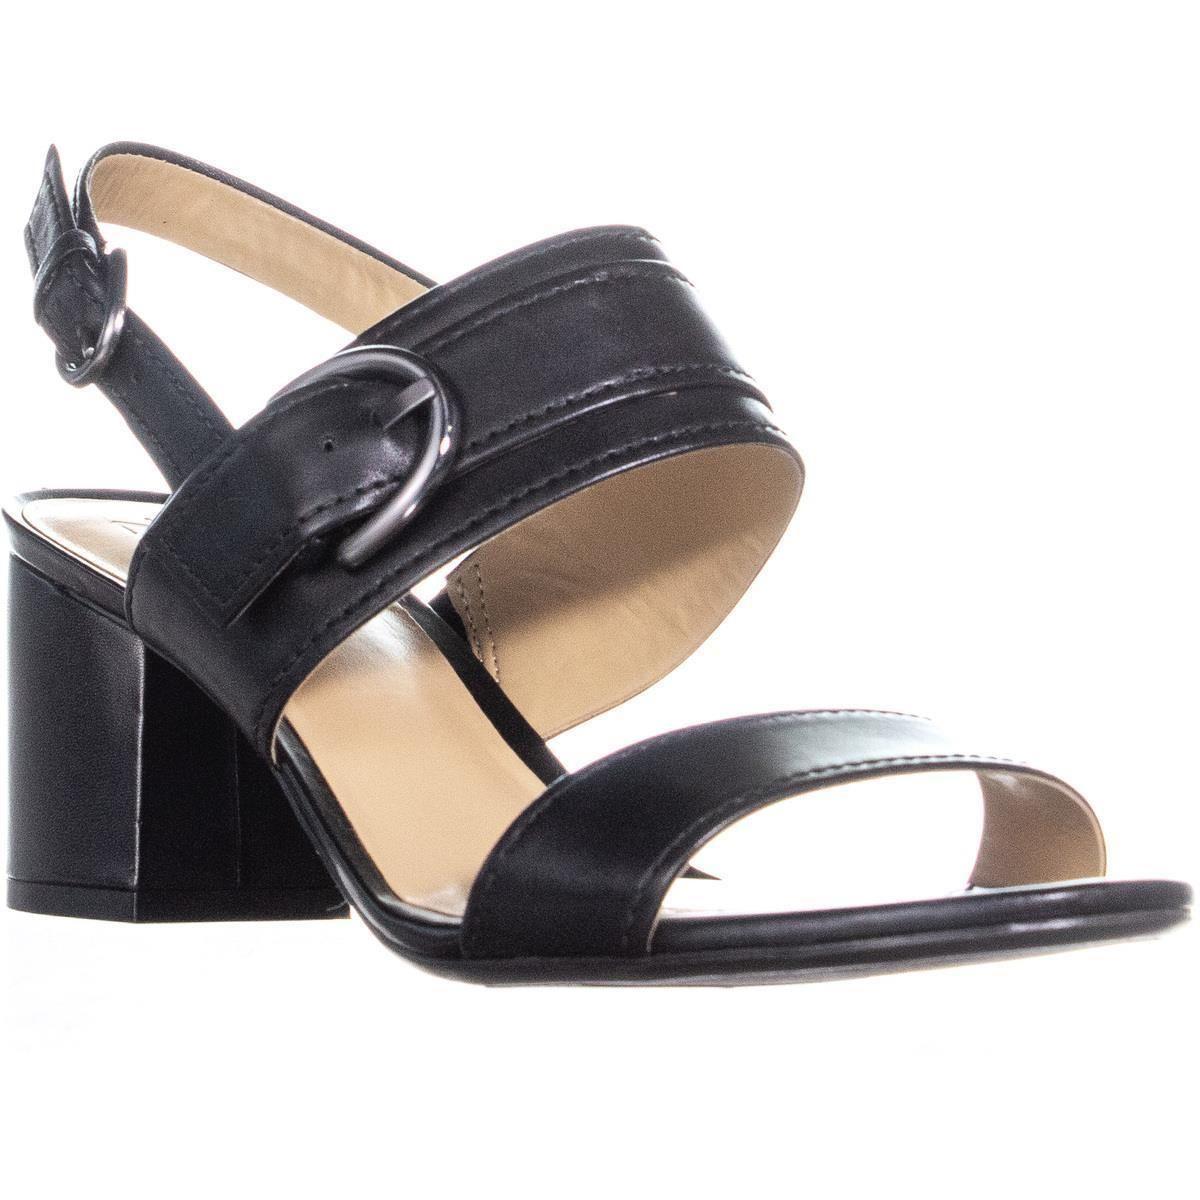 9ad5bdaf4670 Lyst - Naturalizer Camden Ankle Strap Block Heel Sandals in Black